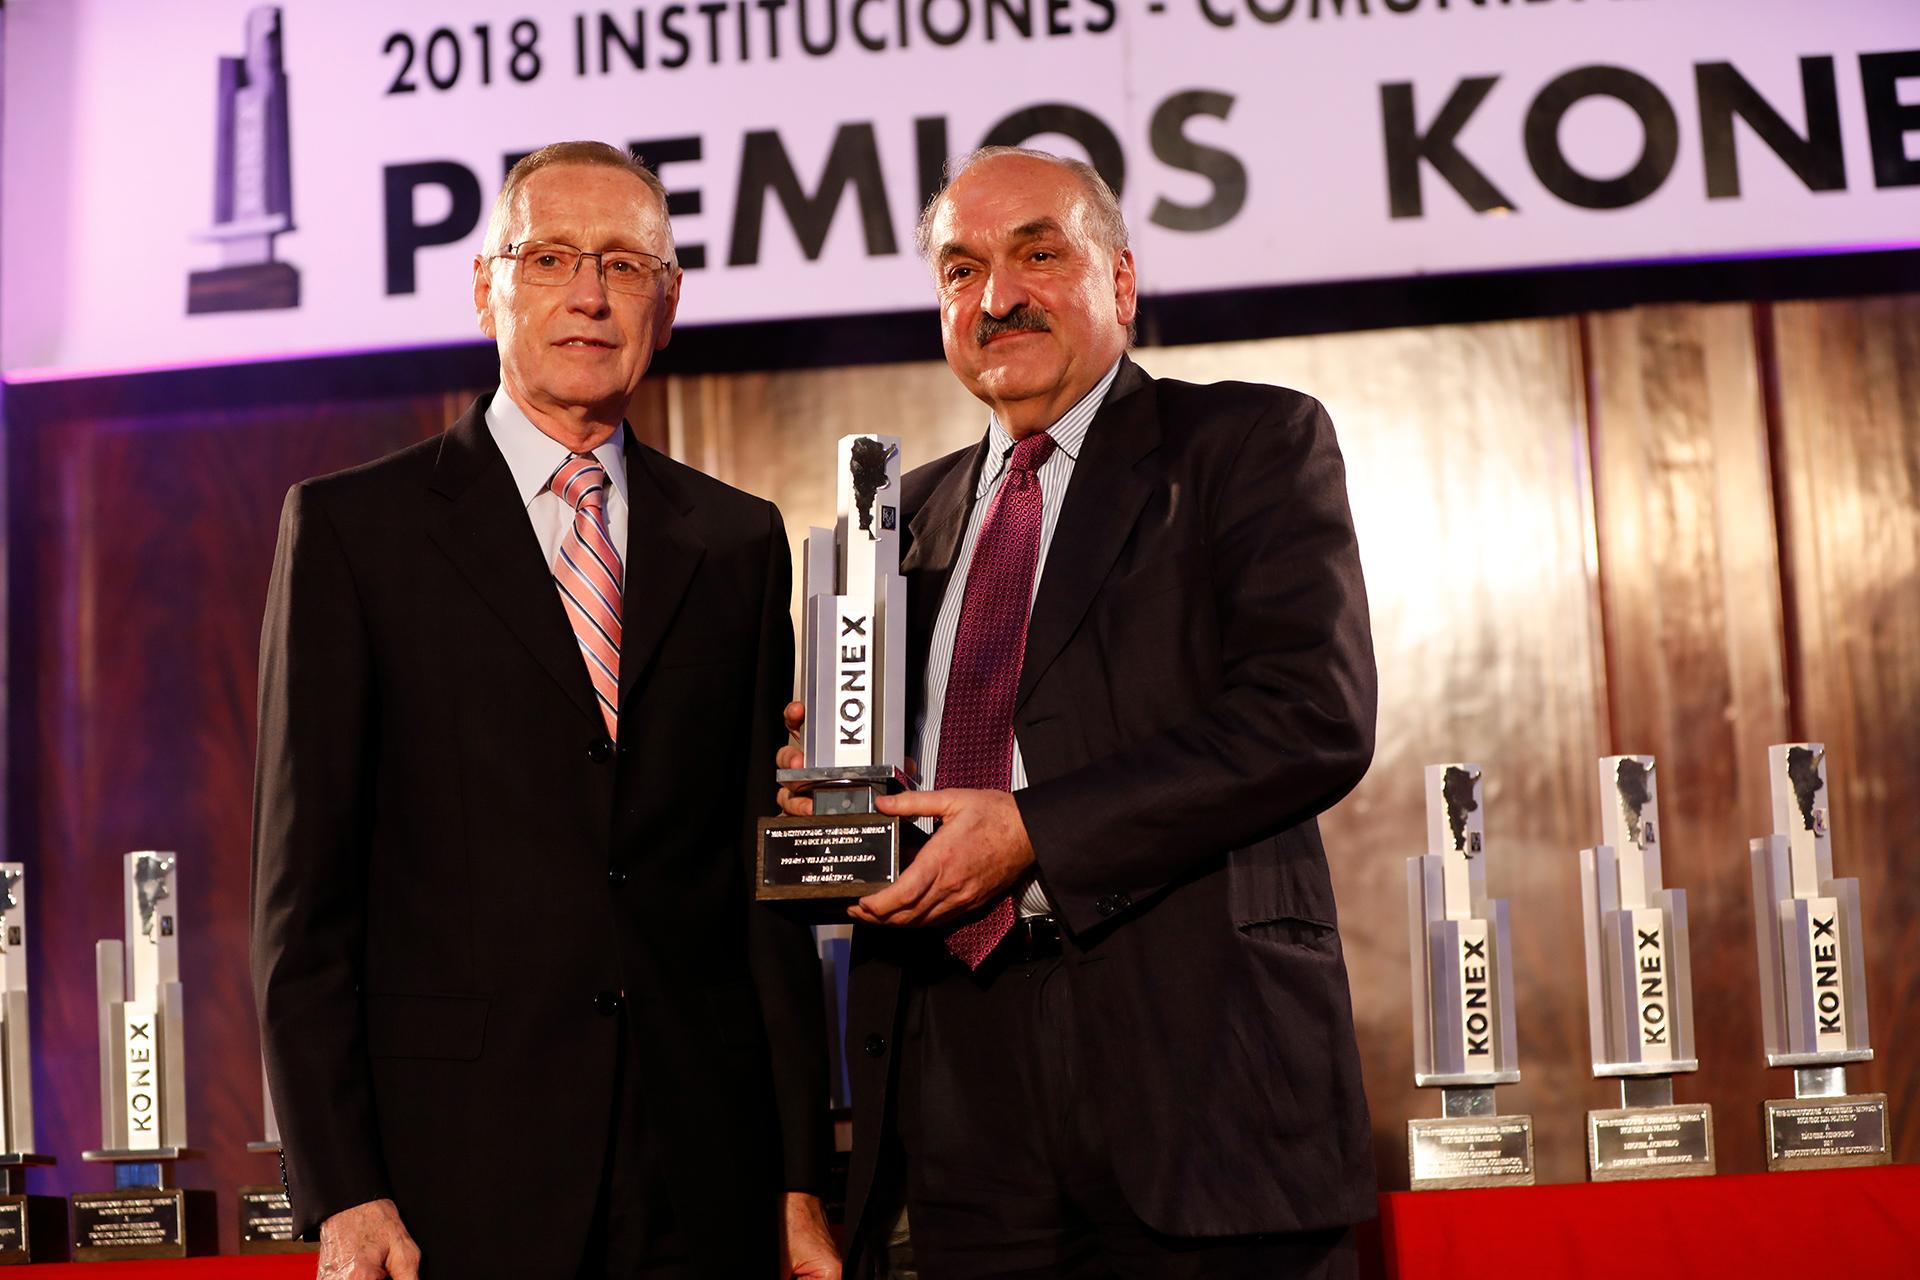 Pedro Villagra Delgado: Konex de Platino- Diplomáticos. Entregó el Premio, Adalberto Rodríguez Giavarini